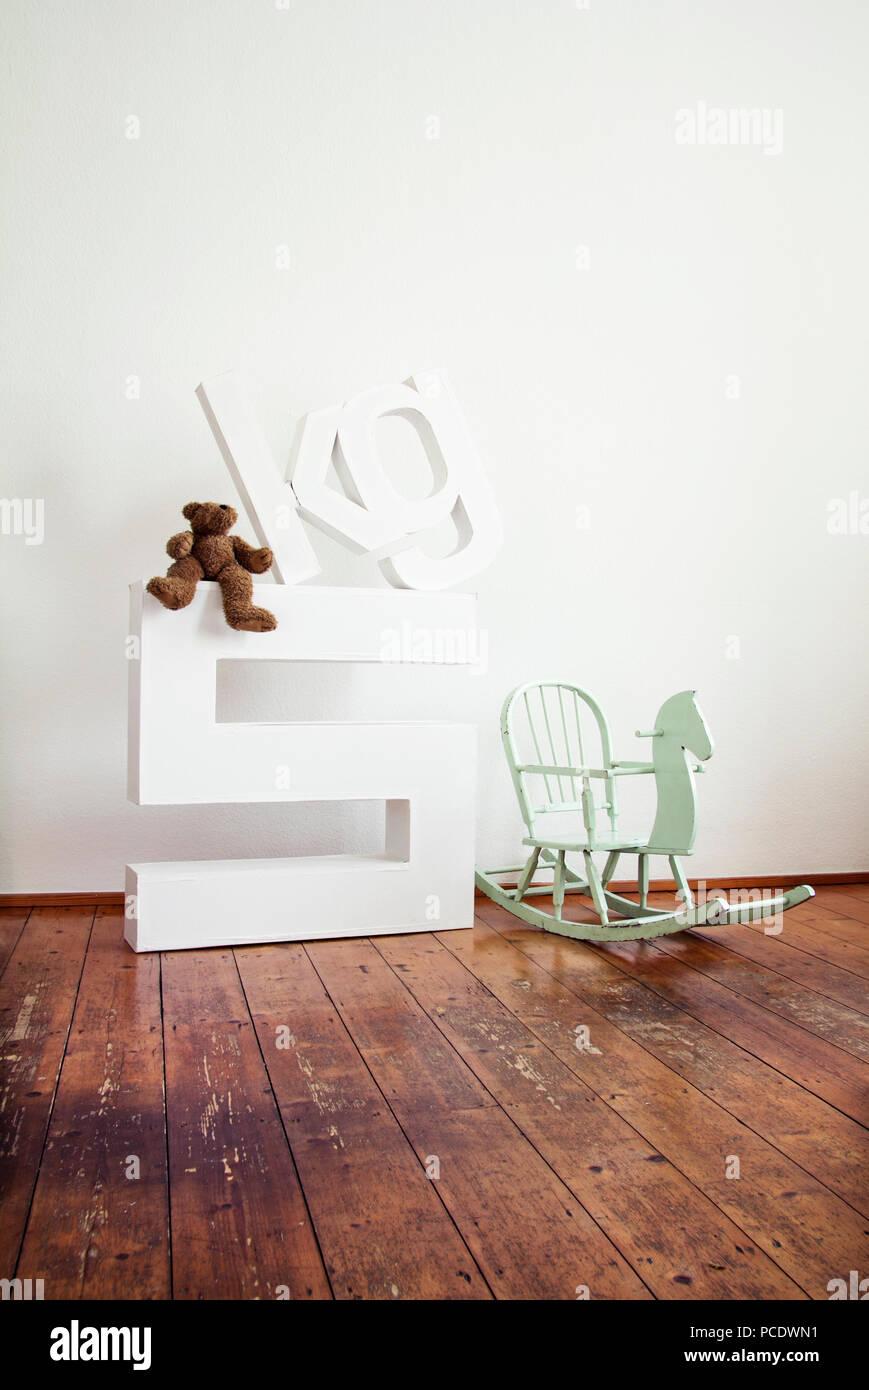 still life,childhood,nursery,kilogram - Stock Image